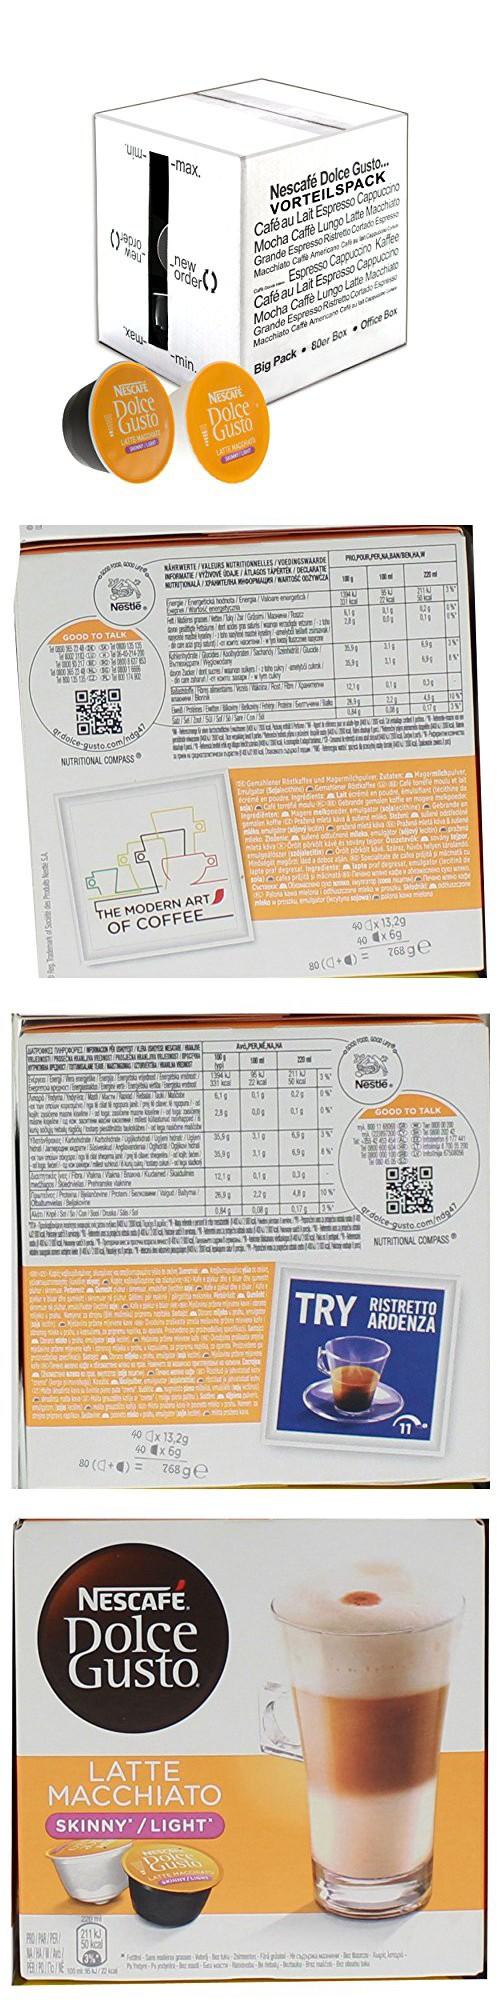 80 x Nescafé Dolce Gusto Latte Macchiato Light, Less